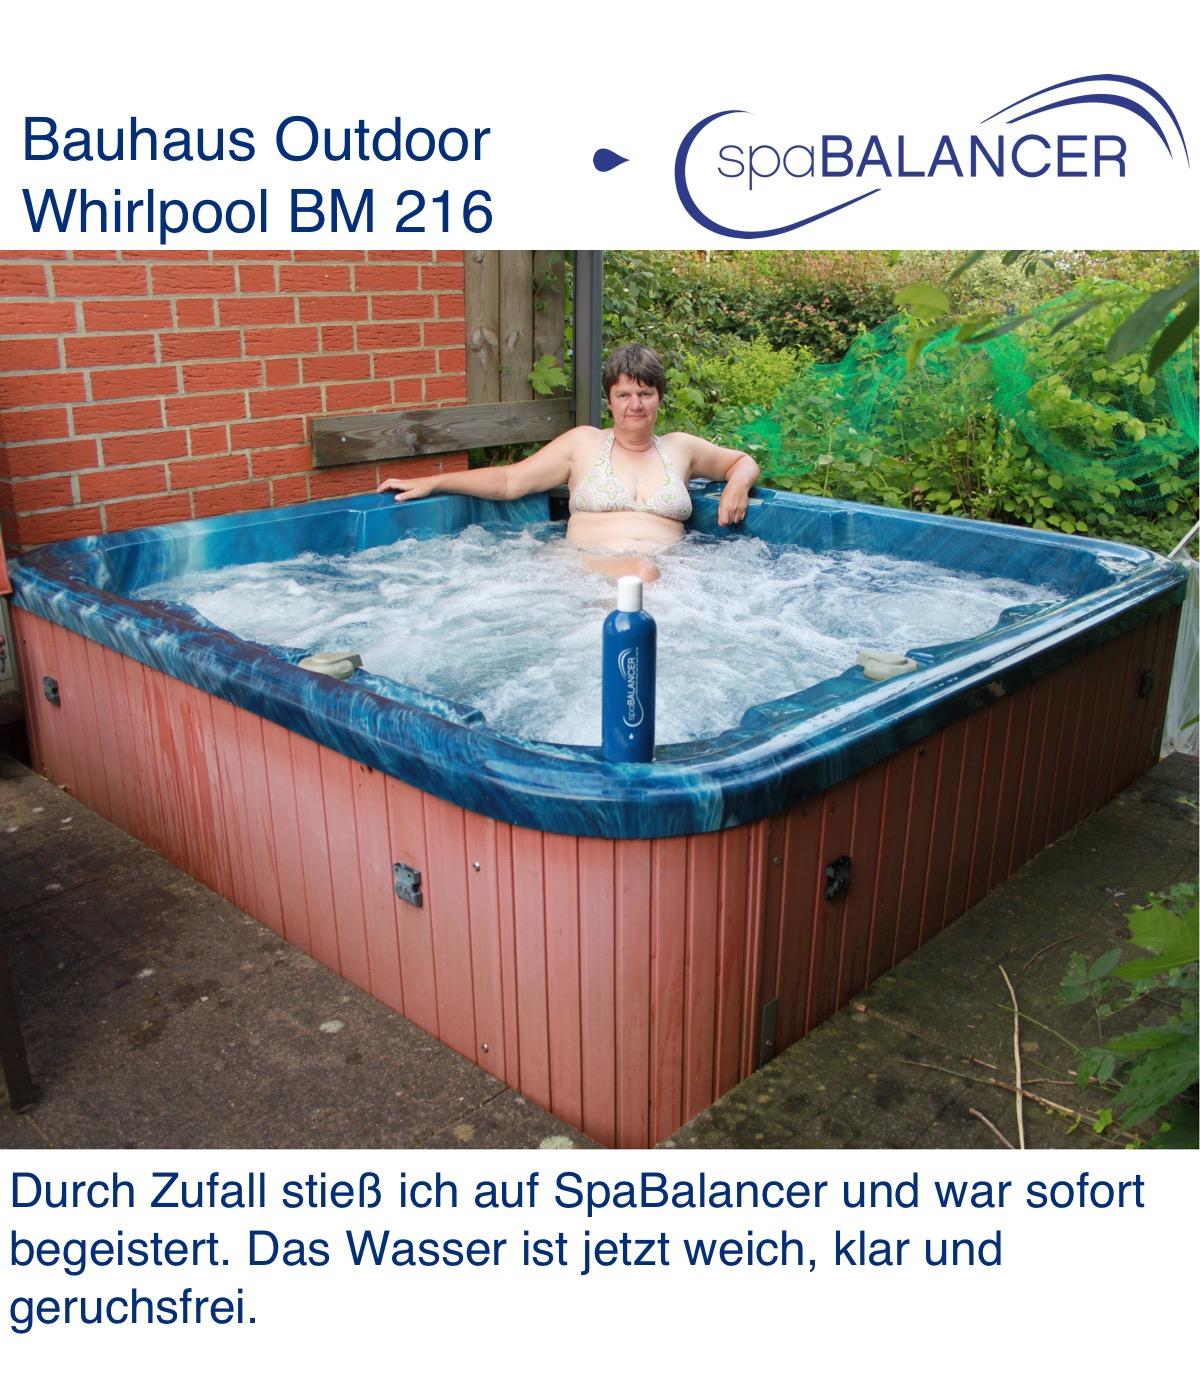 Erfahrung Outdoor Whirlpool BM 216 von Bauhaus | SpaBalancer